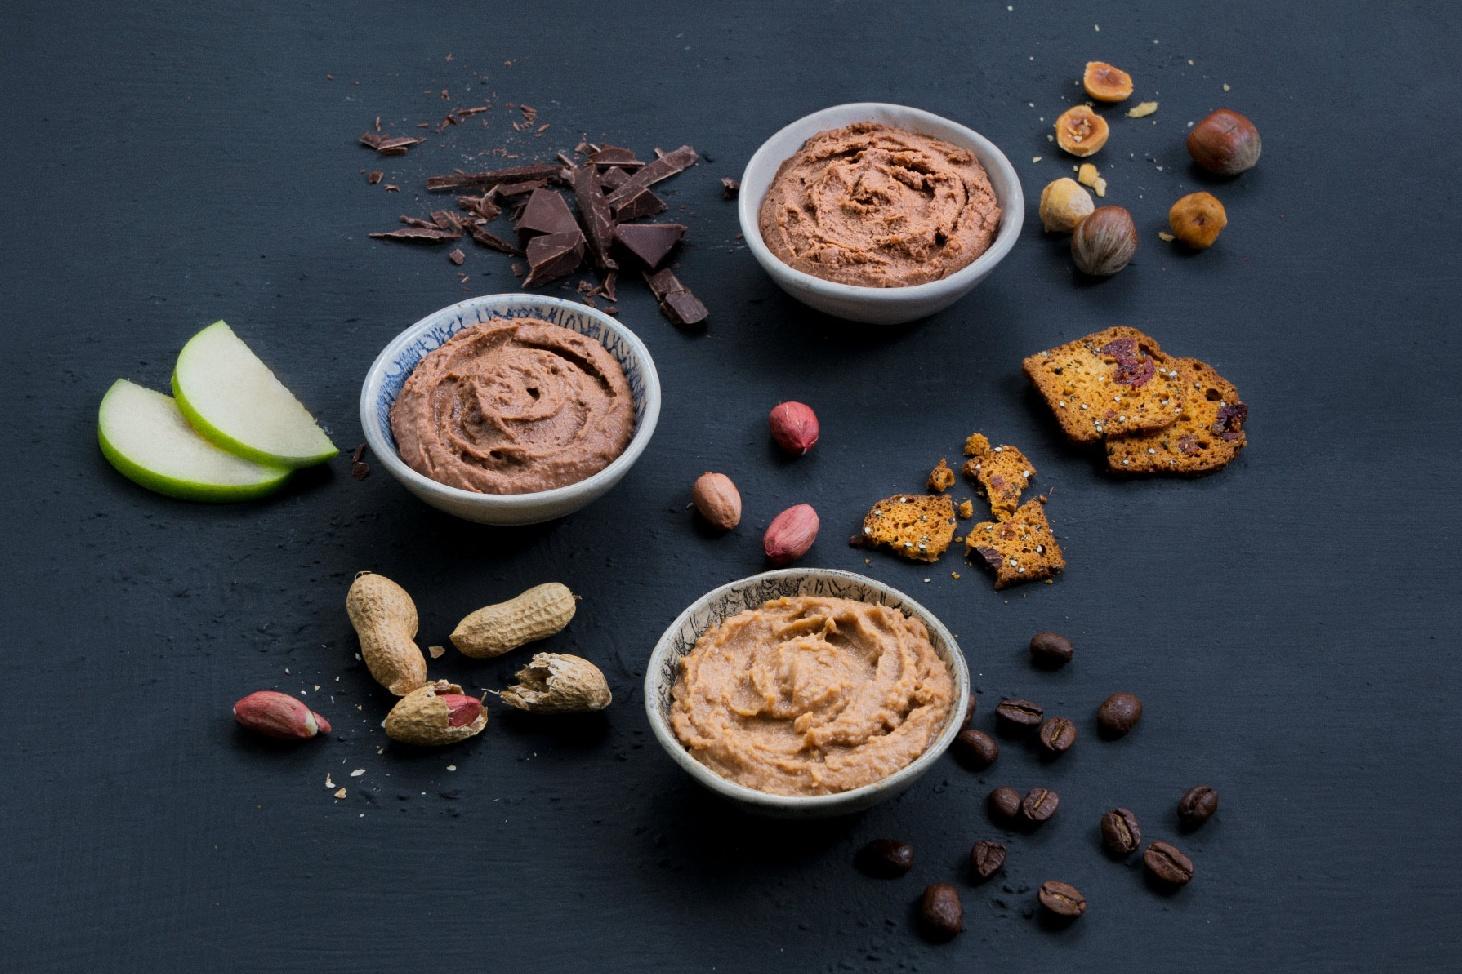 Chocolate Hummus Dips at Kcal